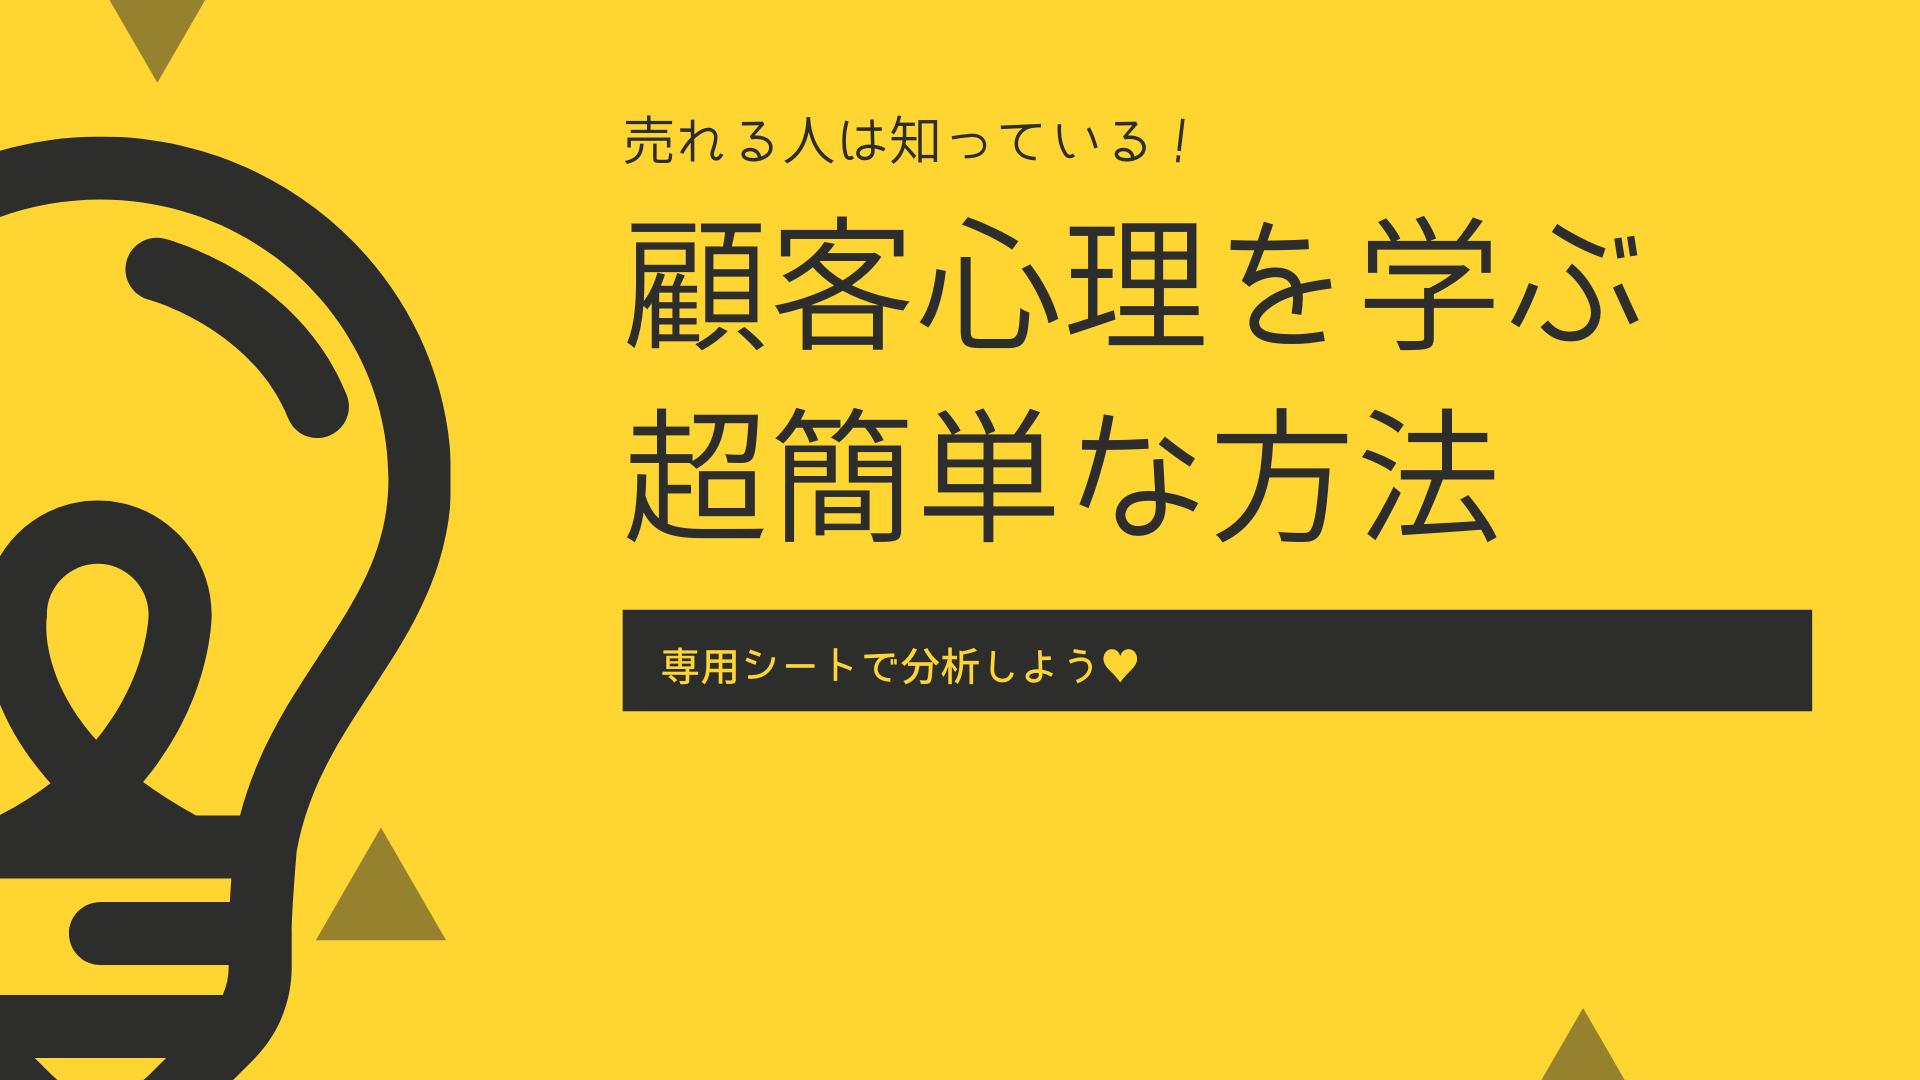 【ワーク】顧客心理を学ぶ超簡単な方法